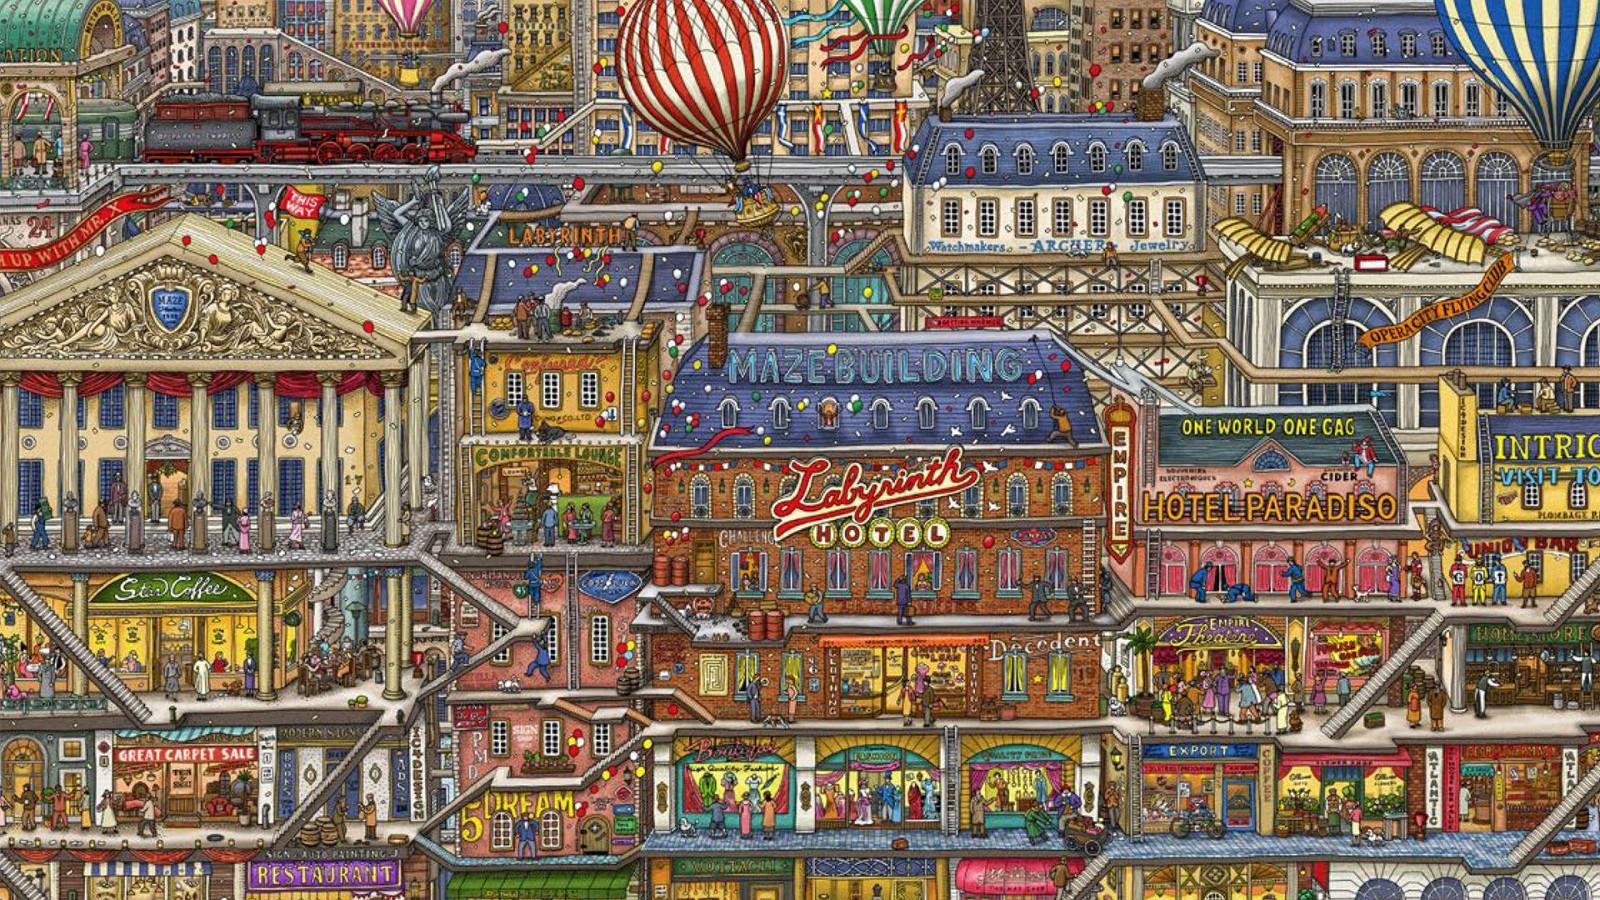 迷宫大侦探 Labyrinth City